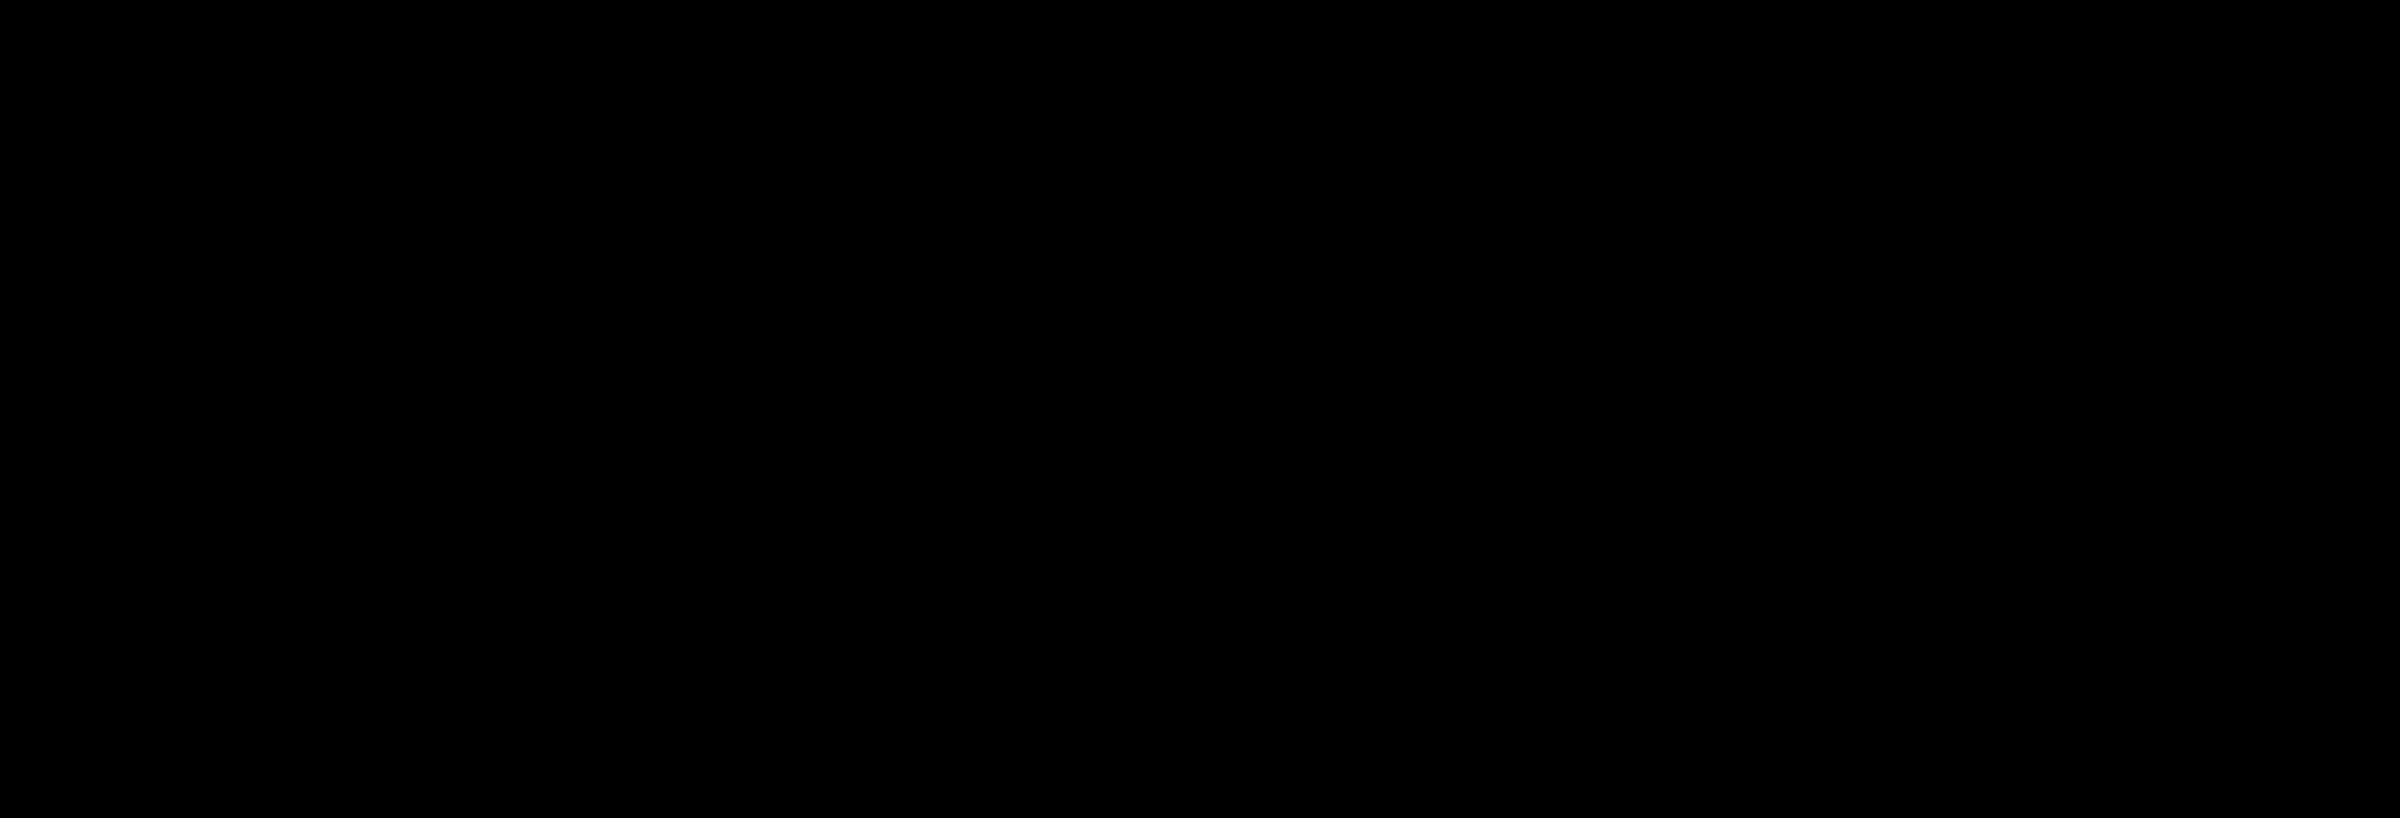 2400x818 White Tiger Clipart 101 Clip Art